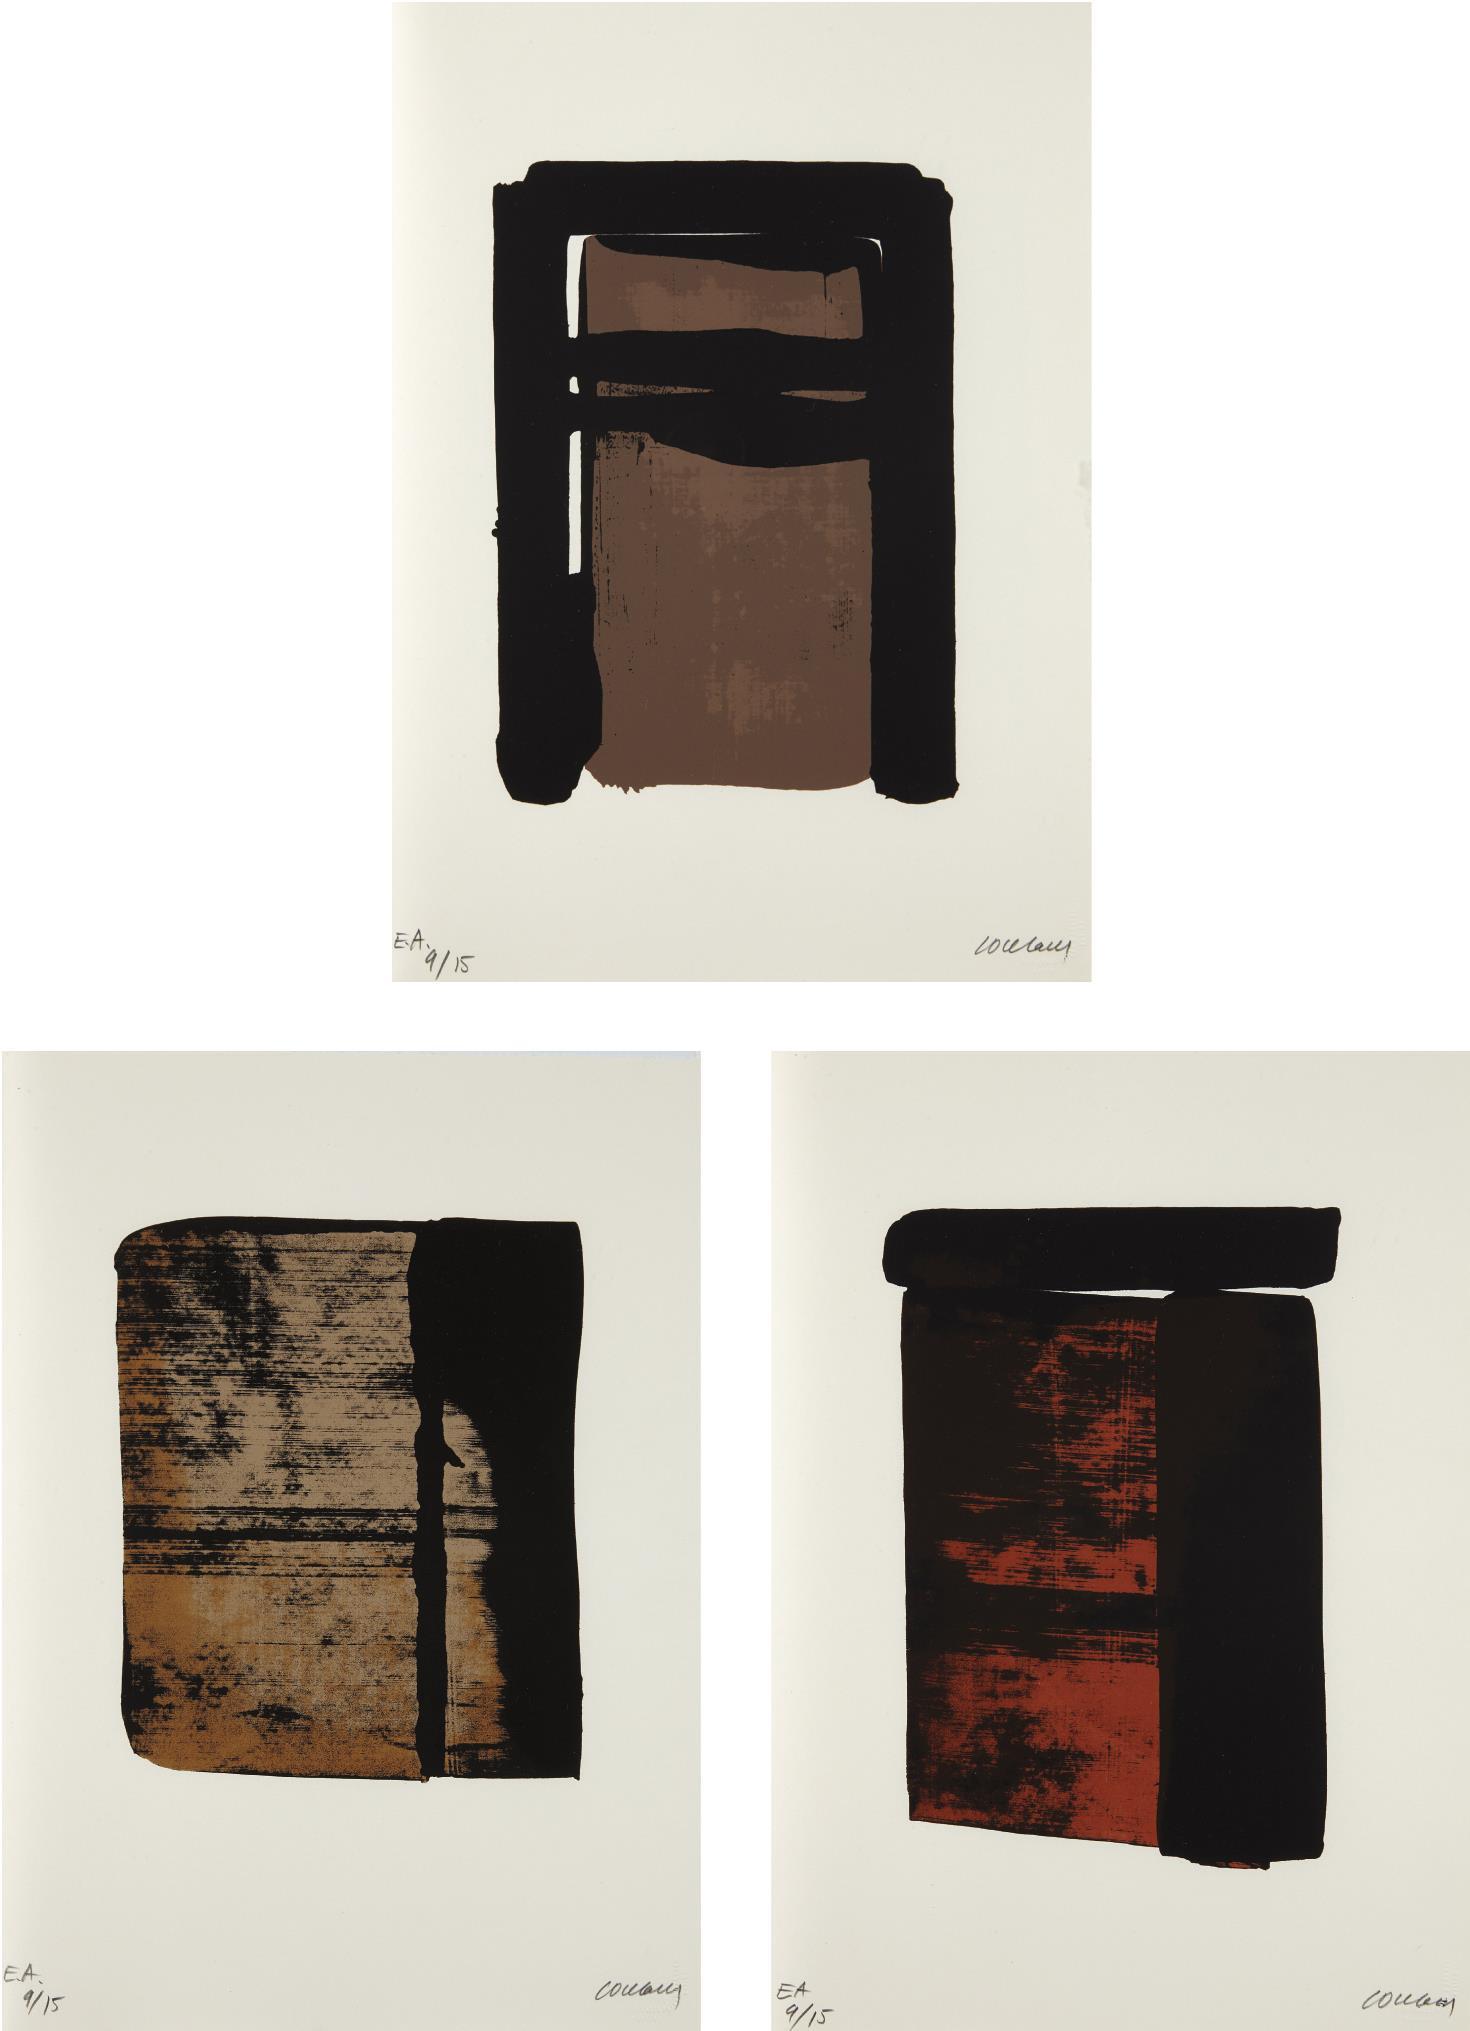 Pierre Soulages-Sur le mur d'en face (On the Opposite Wall)-1979